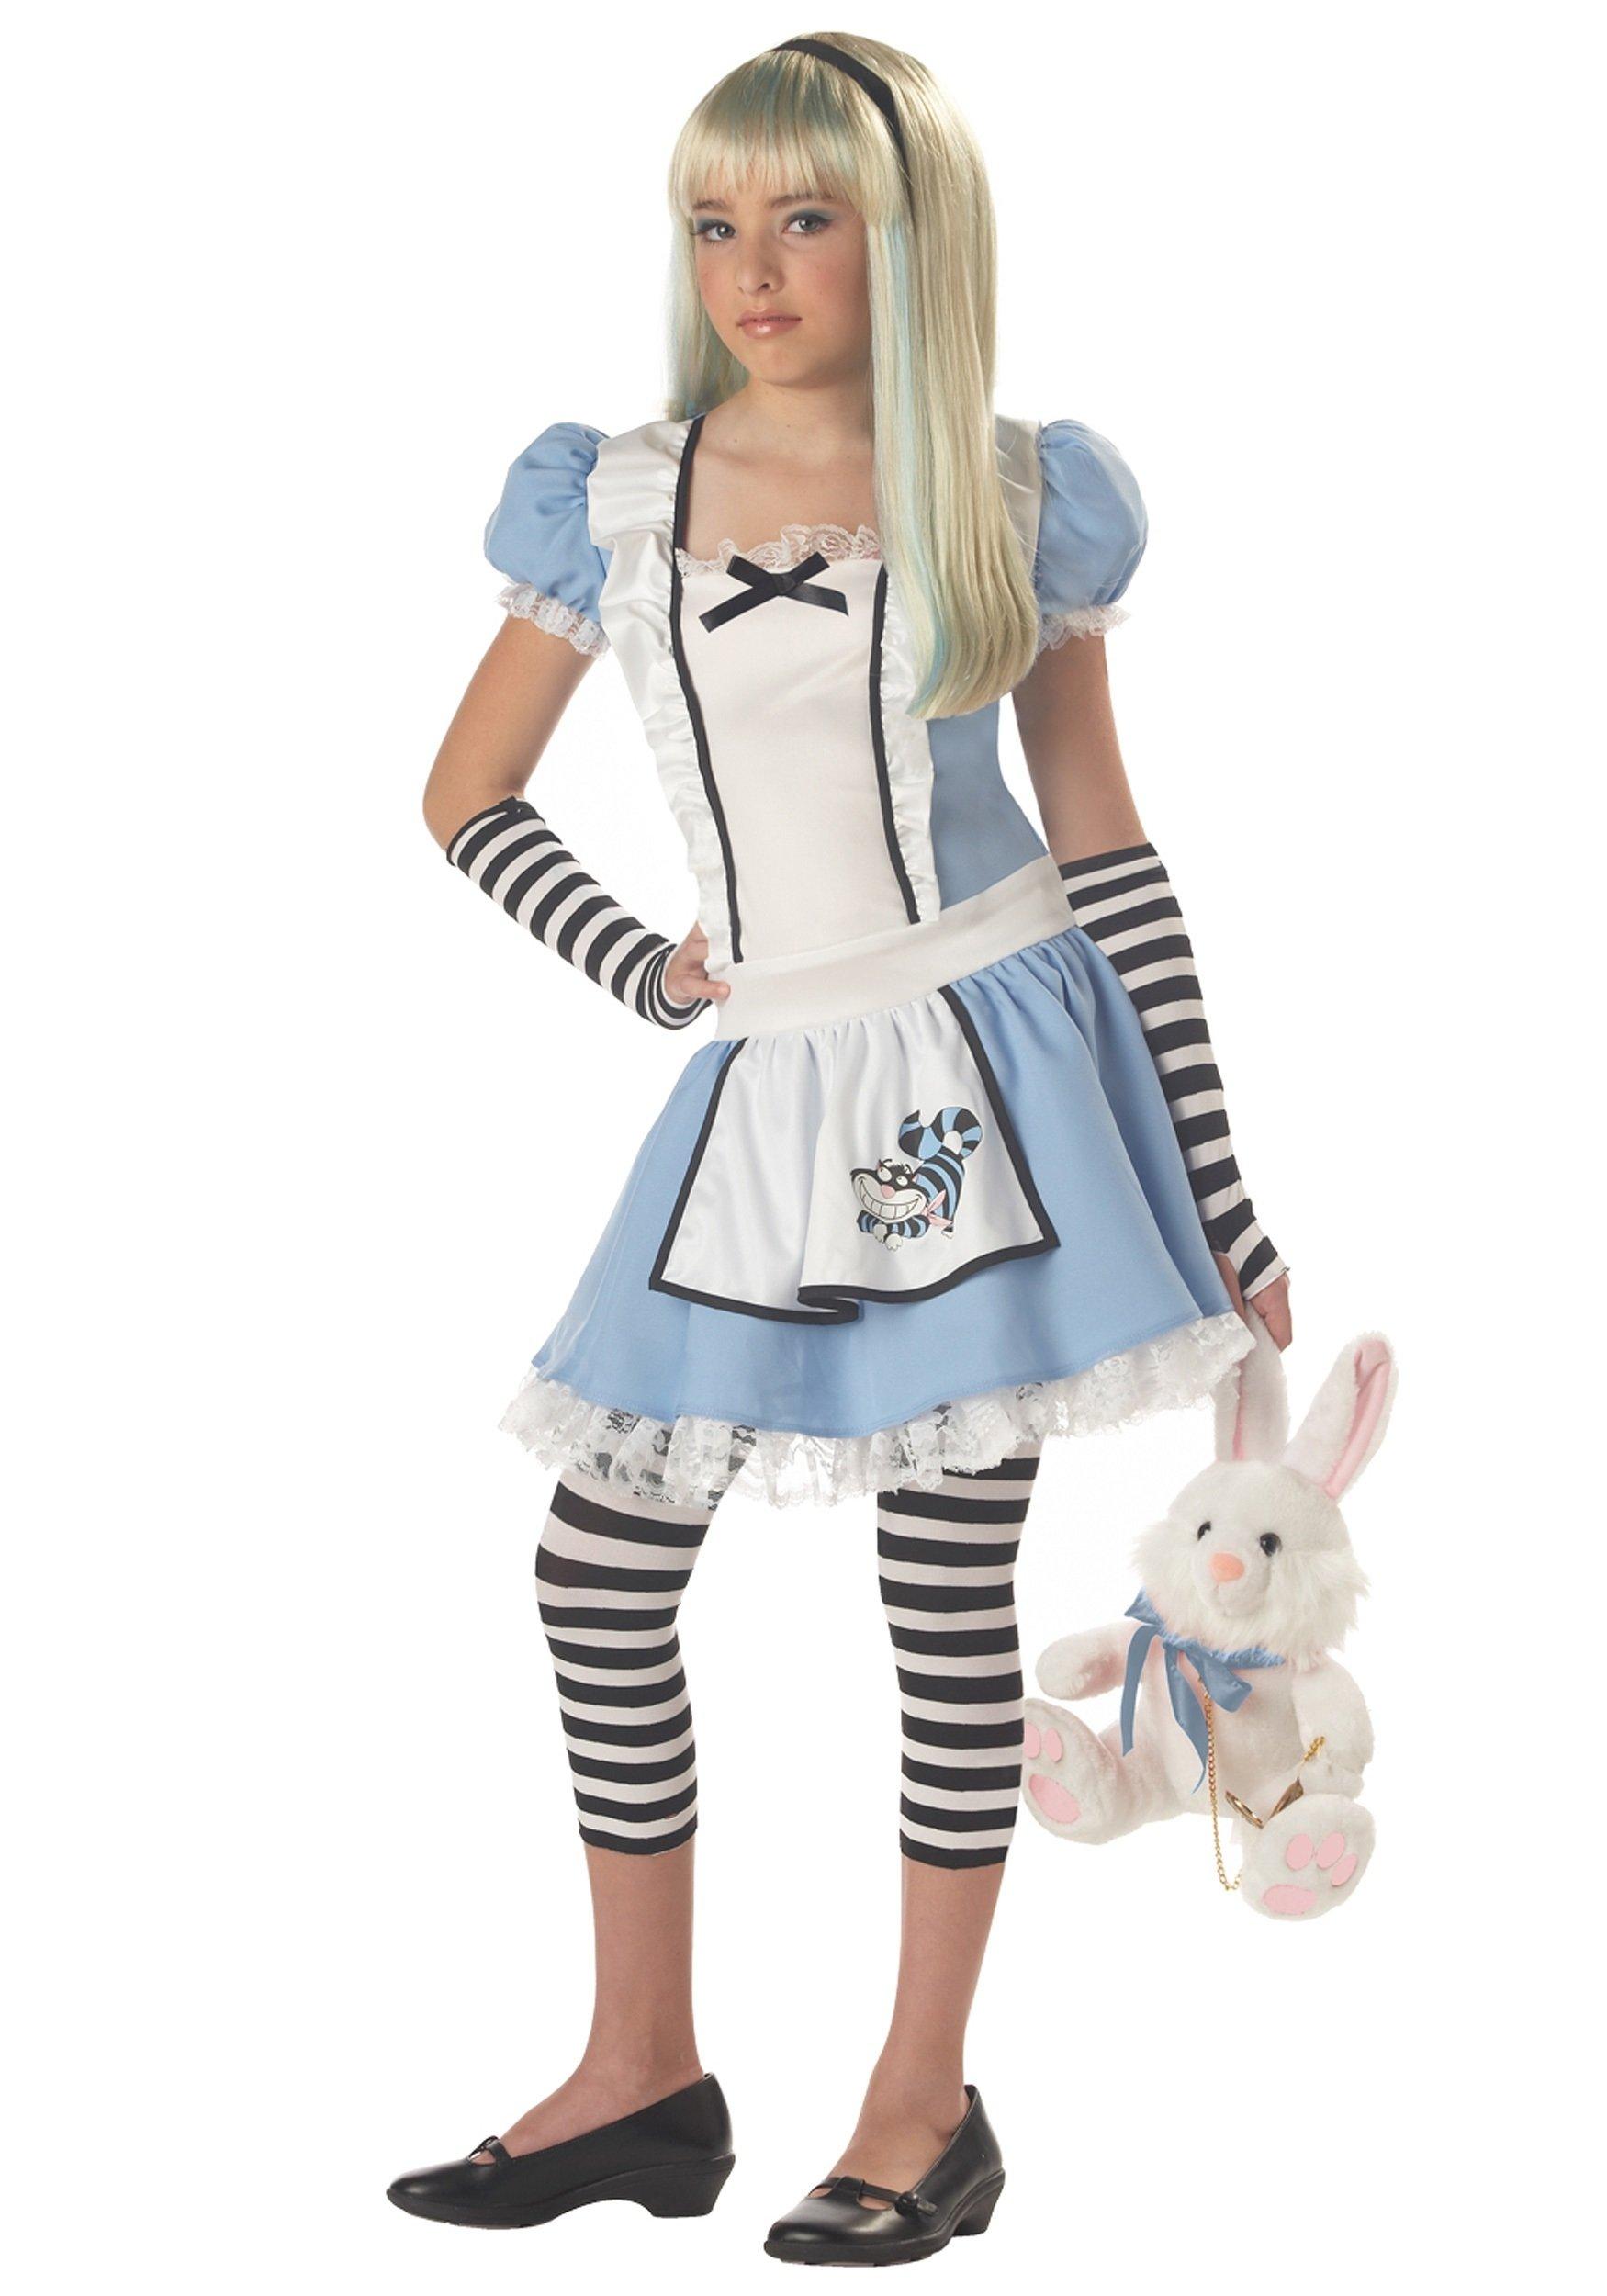 10 Unique Tween Girl Halloween Costume Ideas 2019